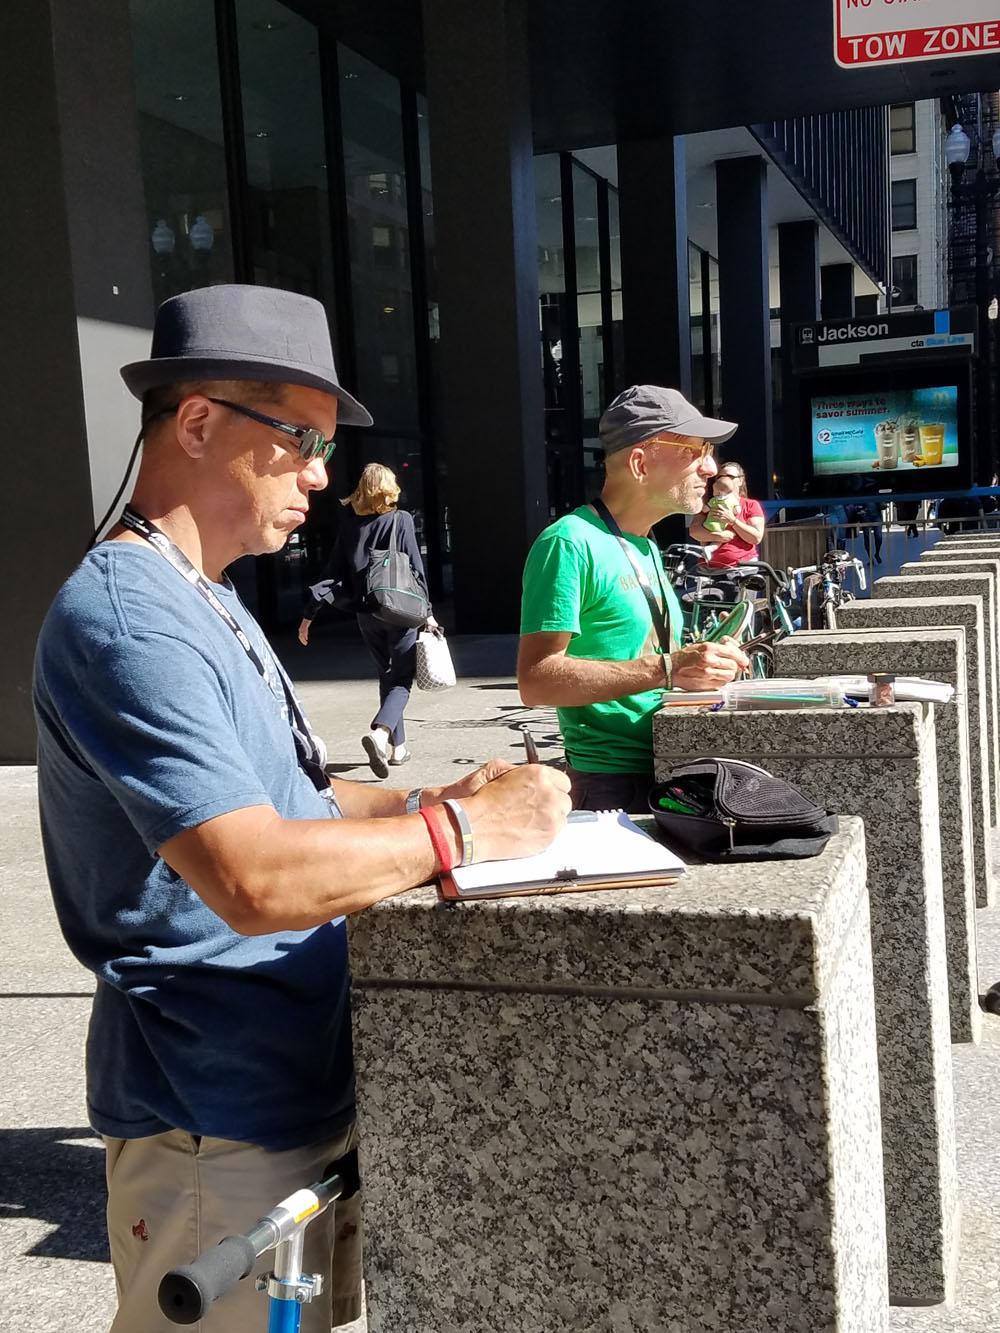 6019c054e09 Porto Symposium 2018 - Call for Correspondents